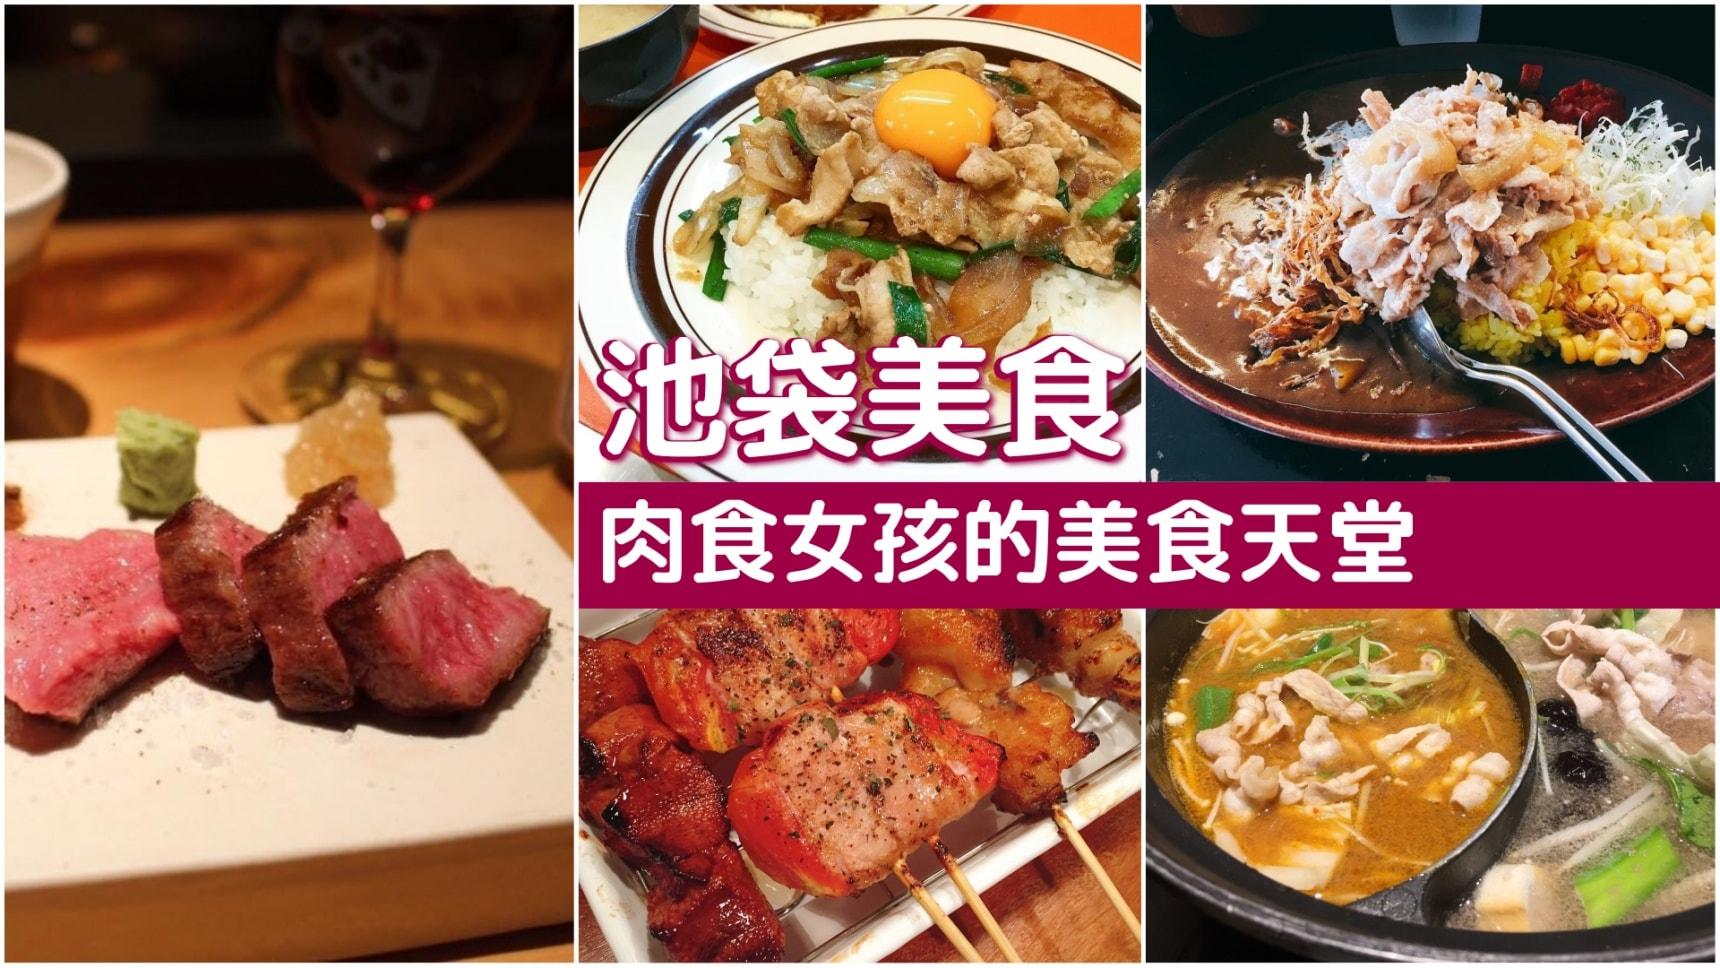 【池袋美食】肉食女孩一定要知道的東京美食天堂